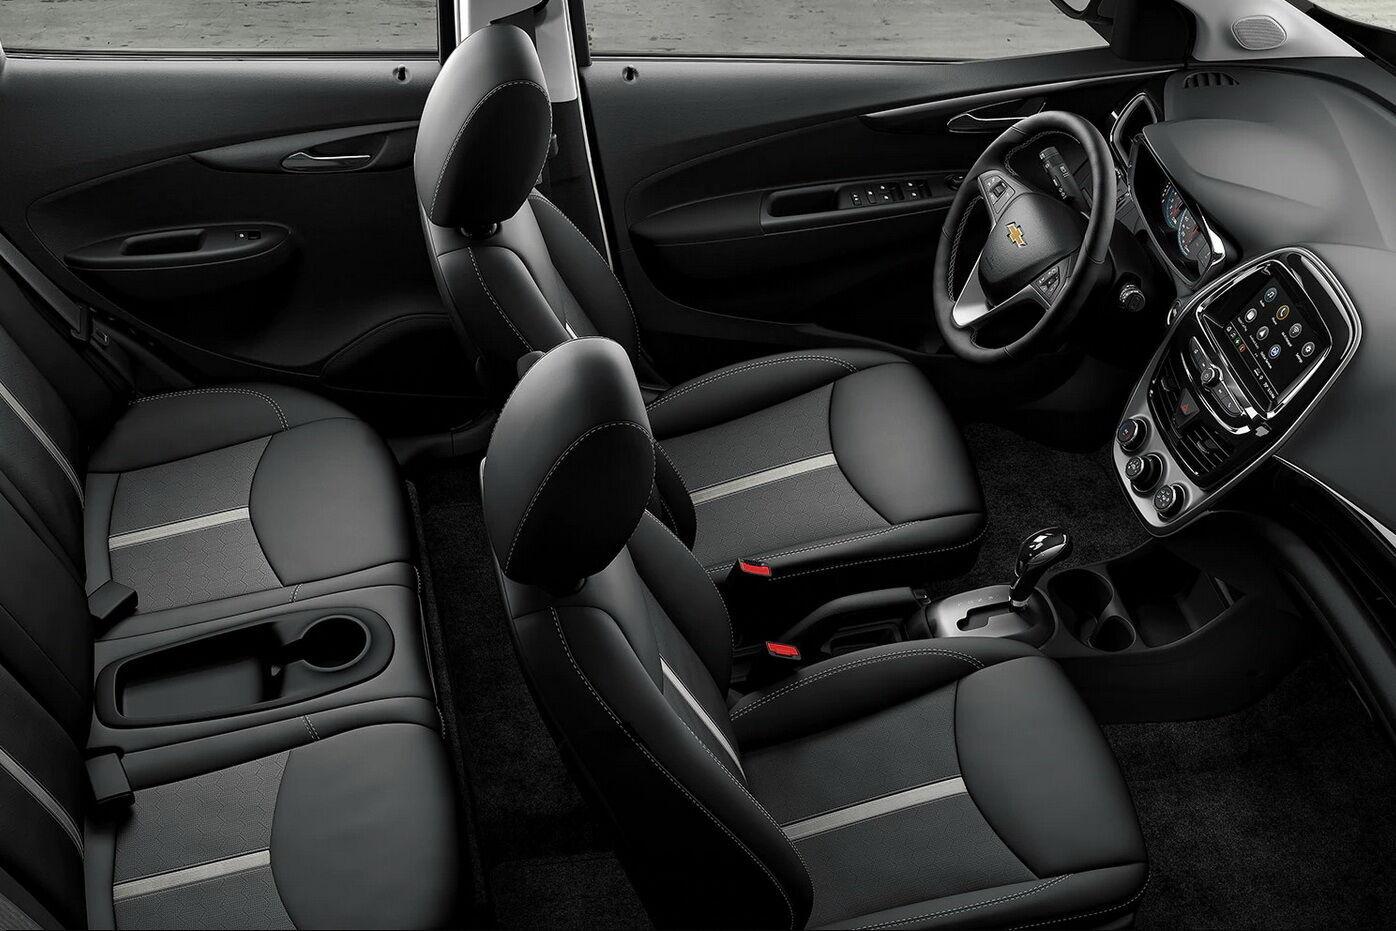 2021 Chevrolet Spark у топ-комплектації 2LT